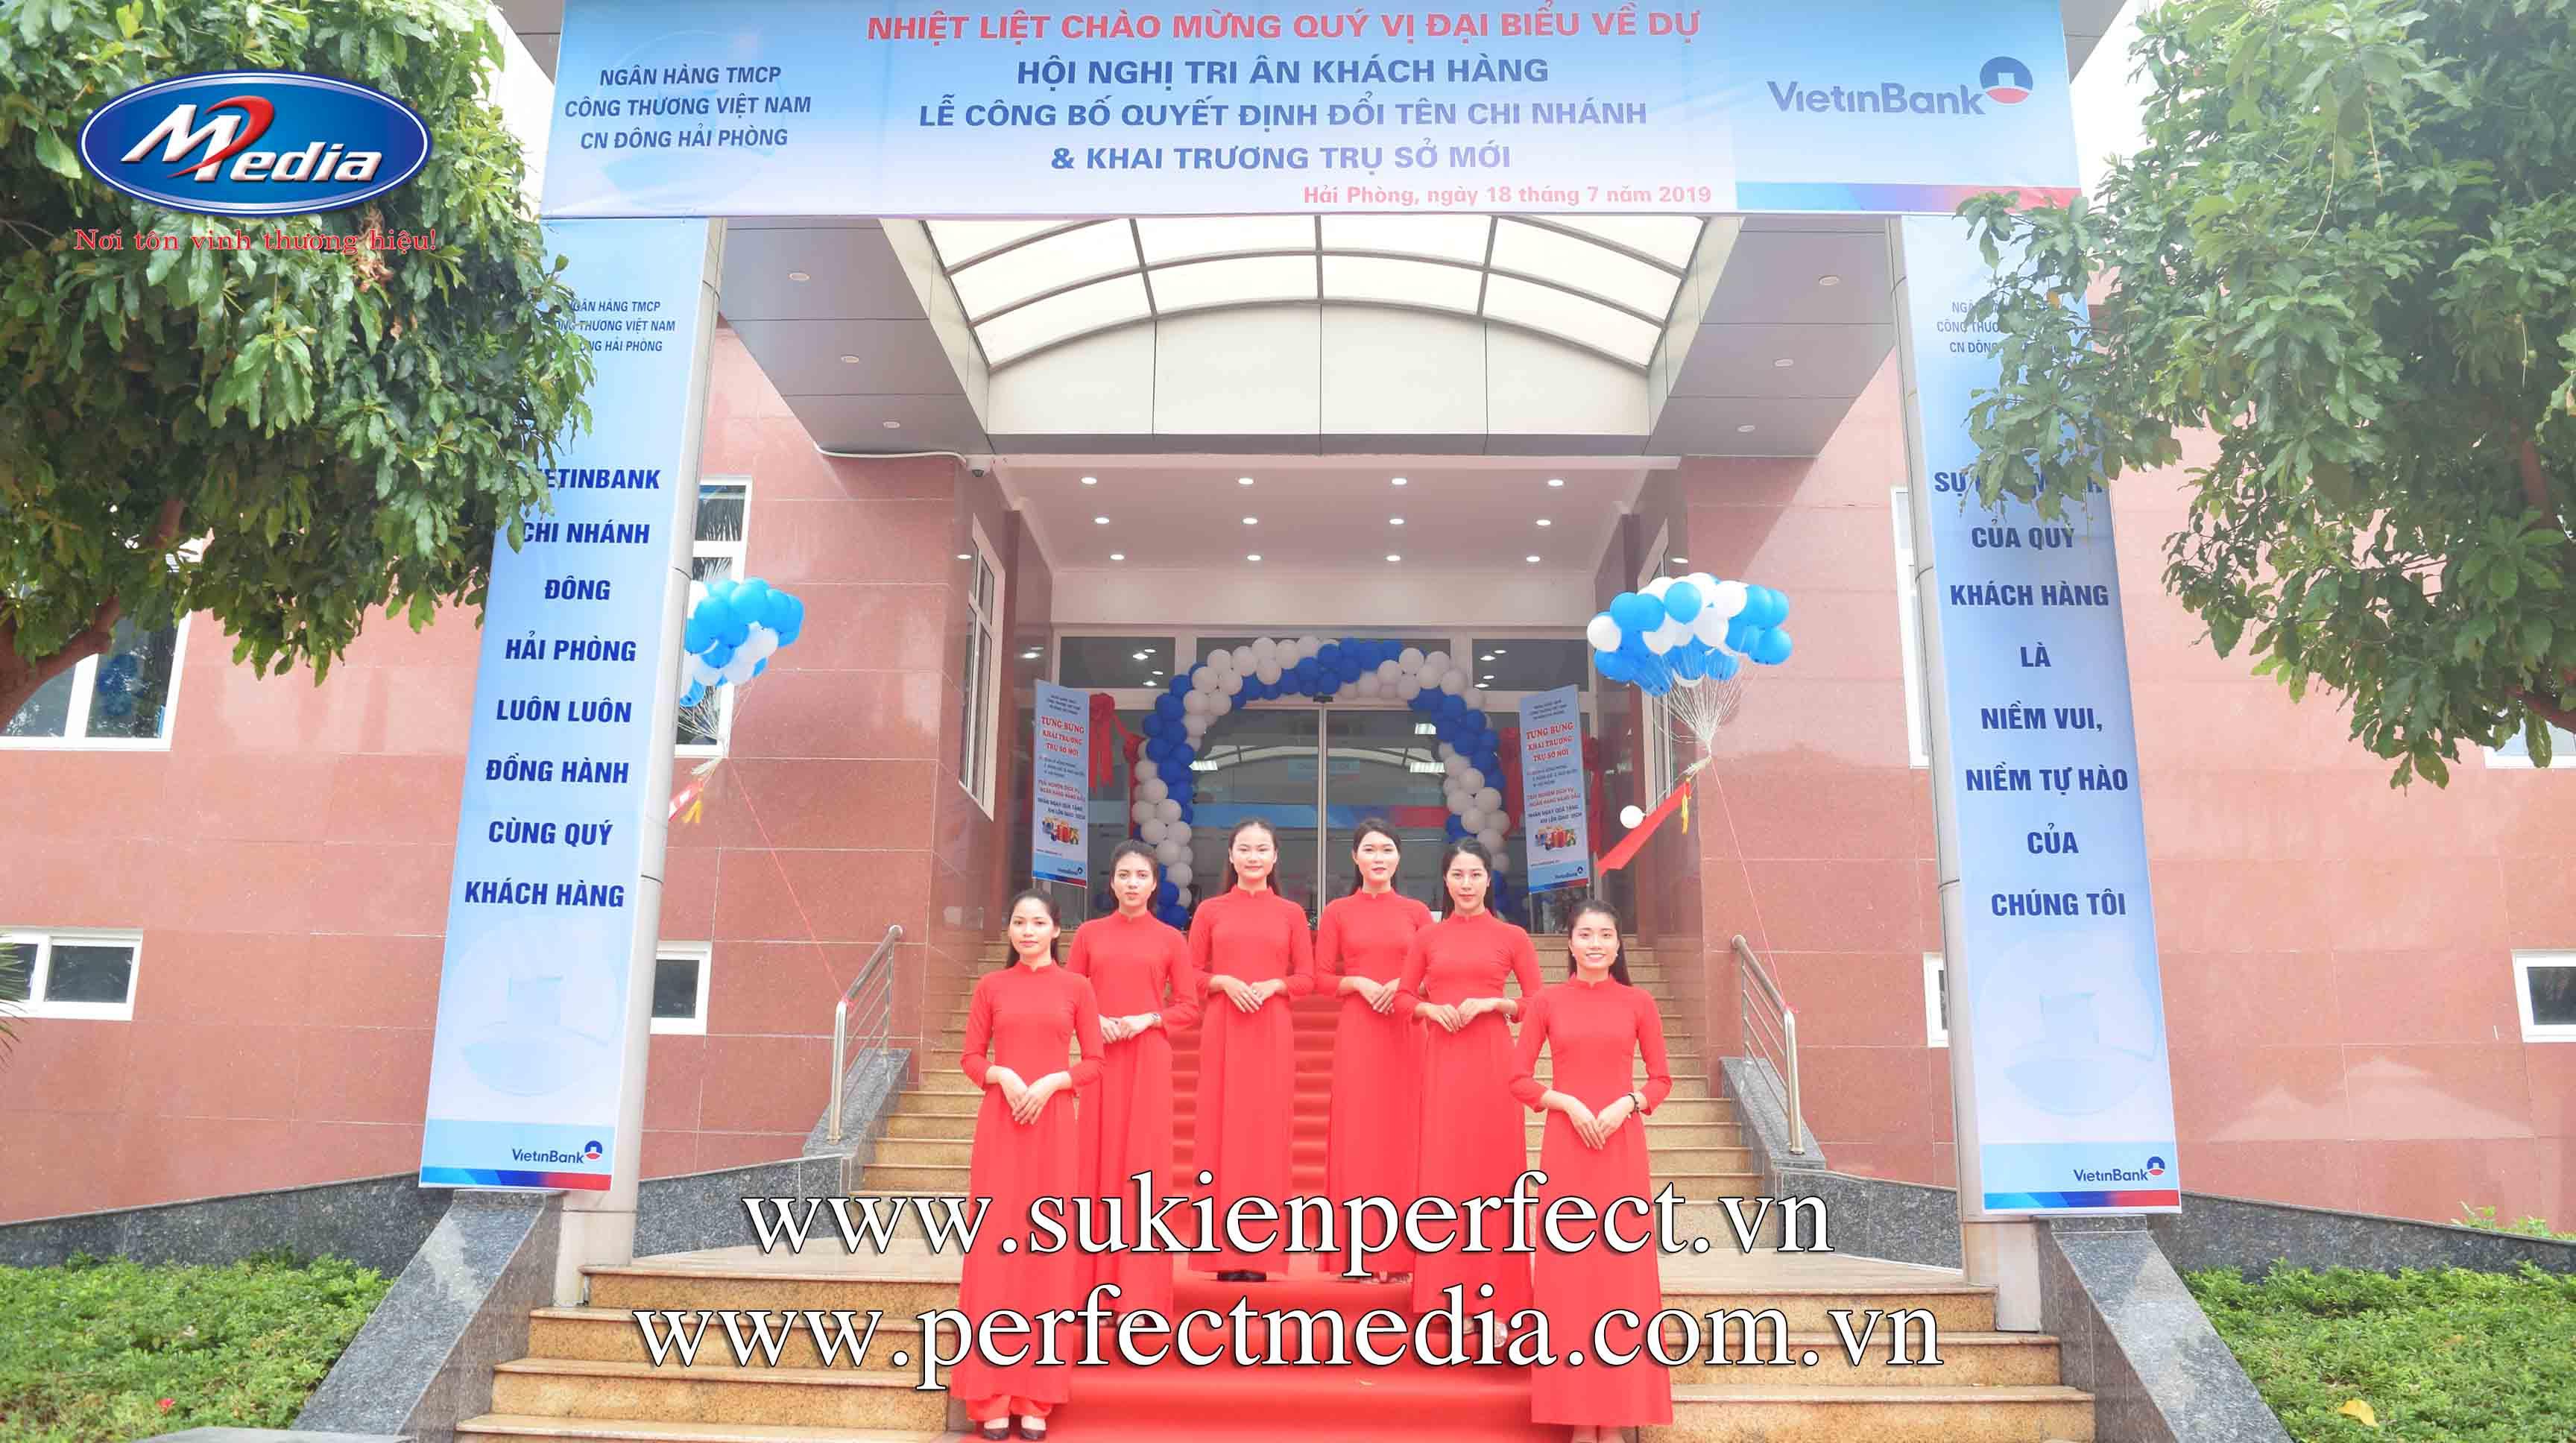 Hội ngị tri ân khách hàng tại Hải Phòng